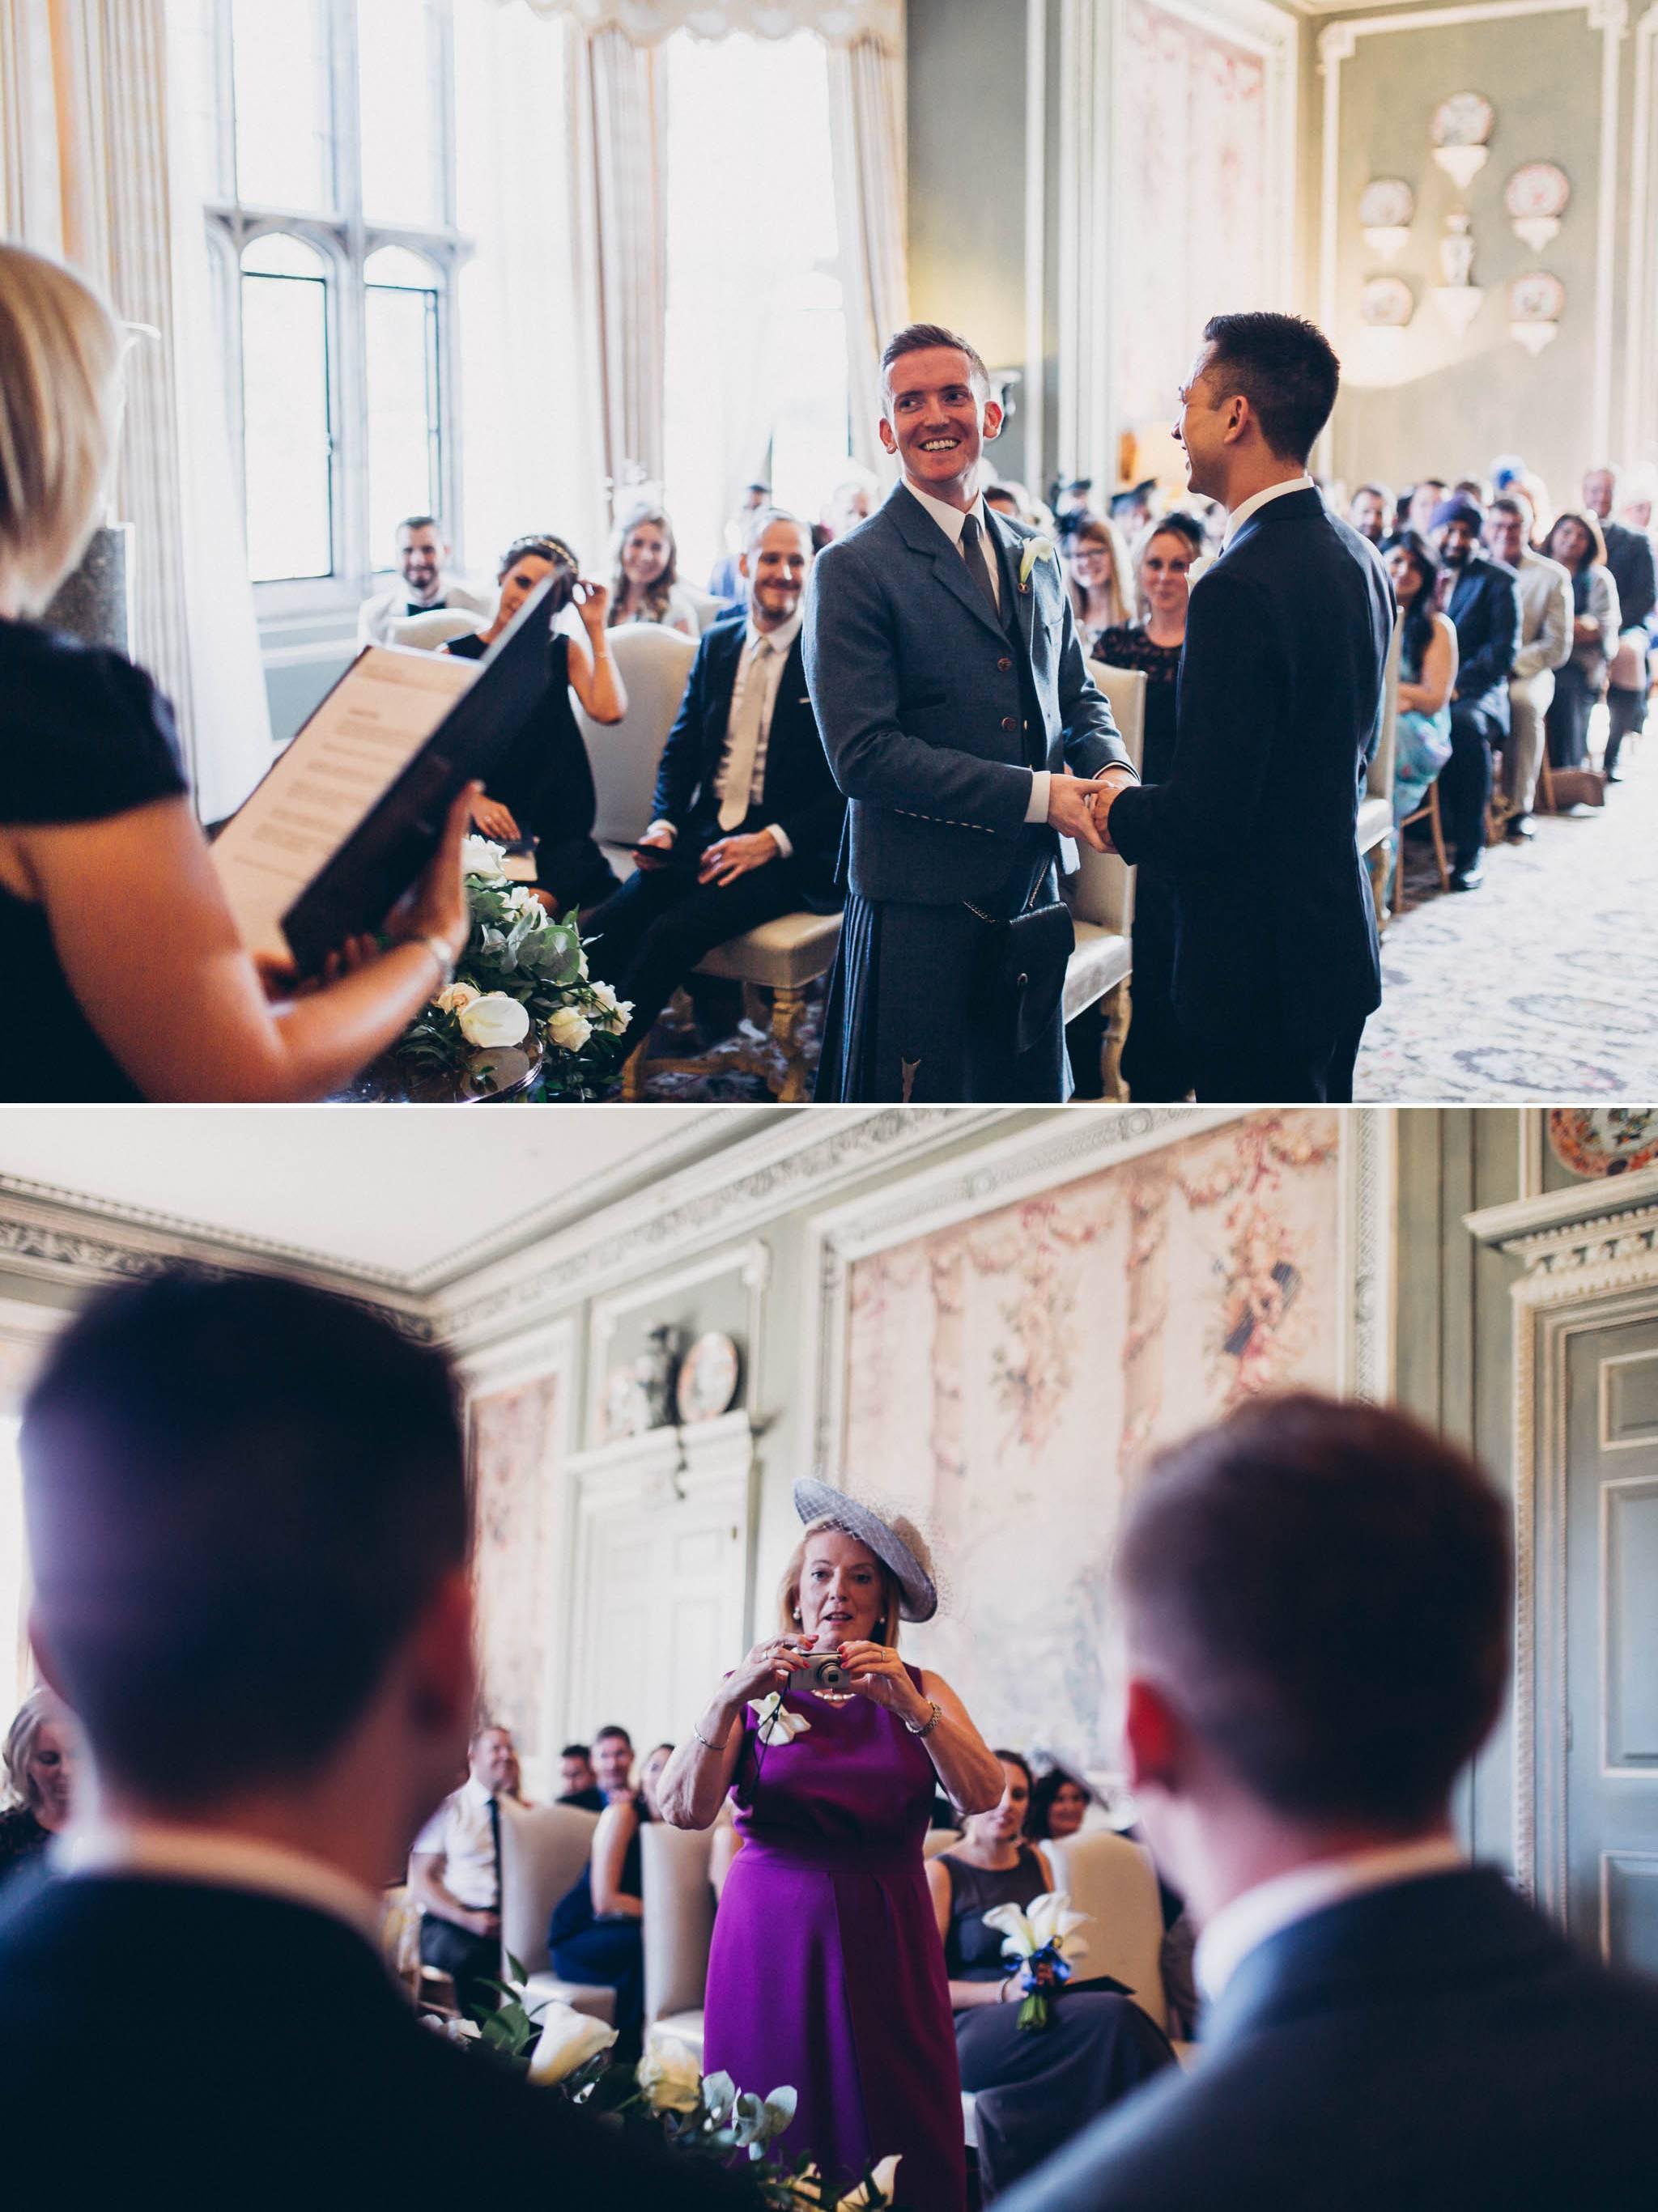 leeds-castle-wedding-photography 18.jpg